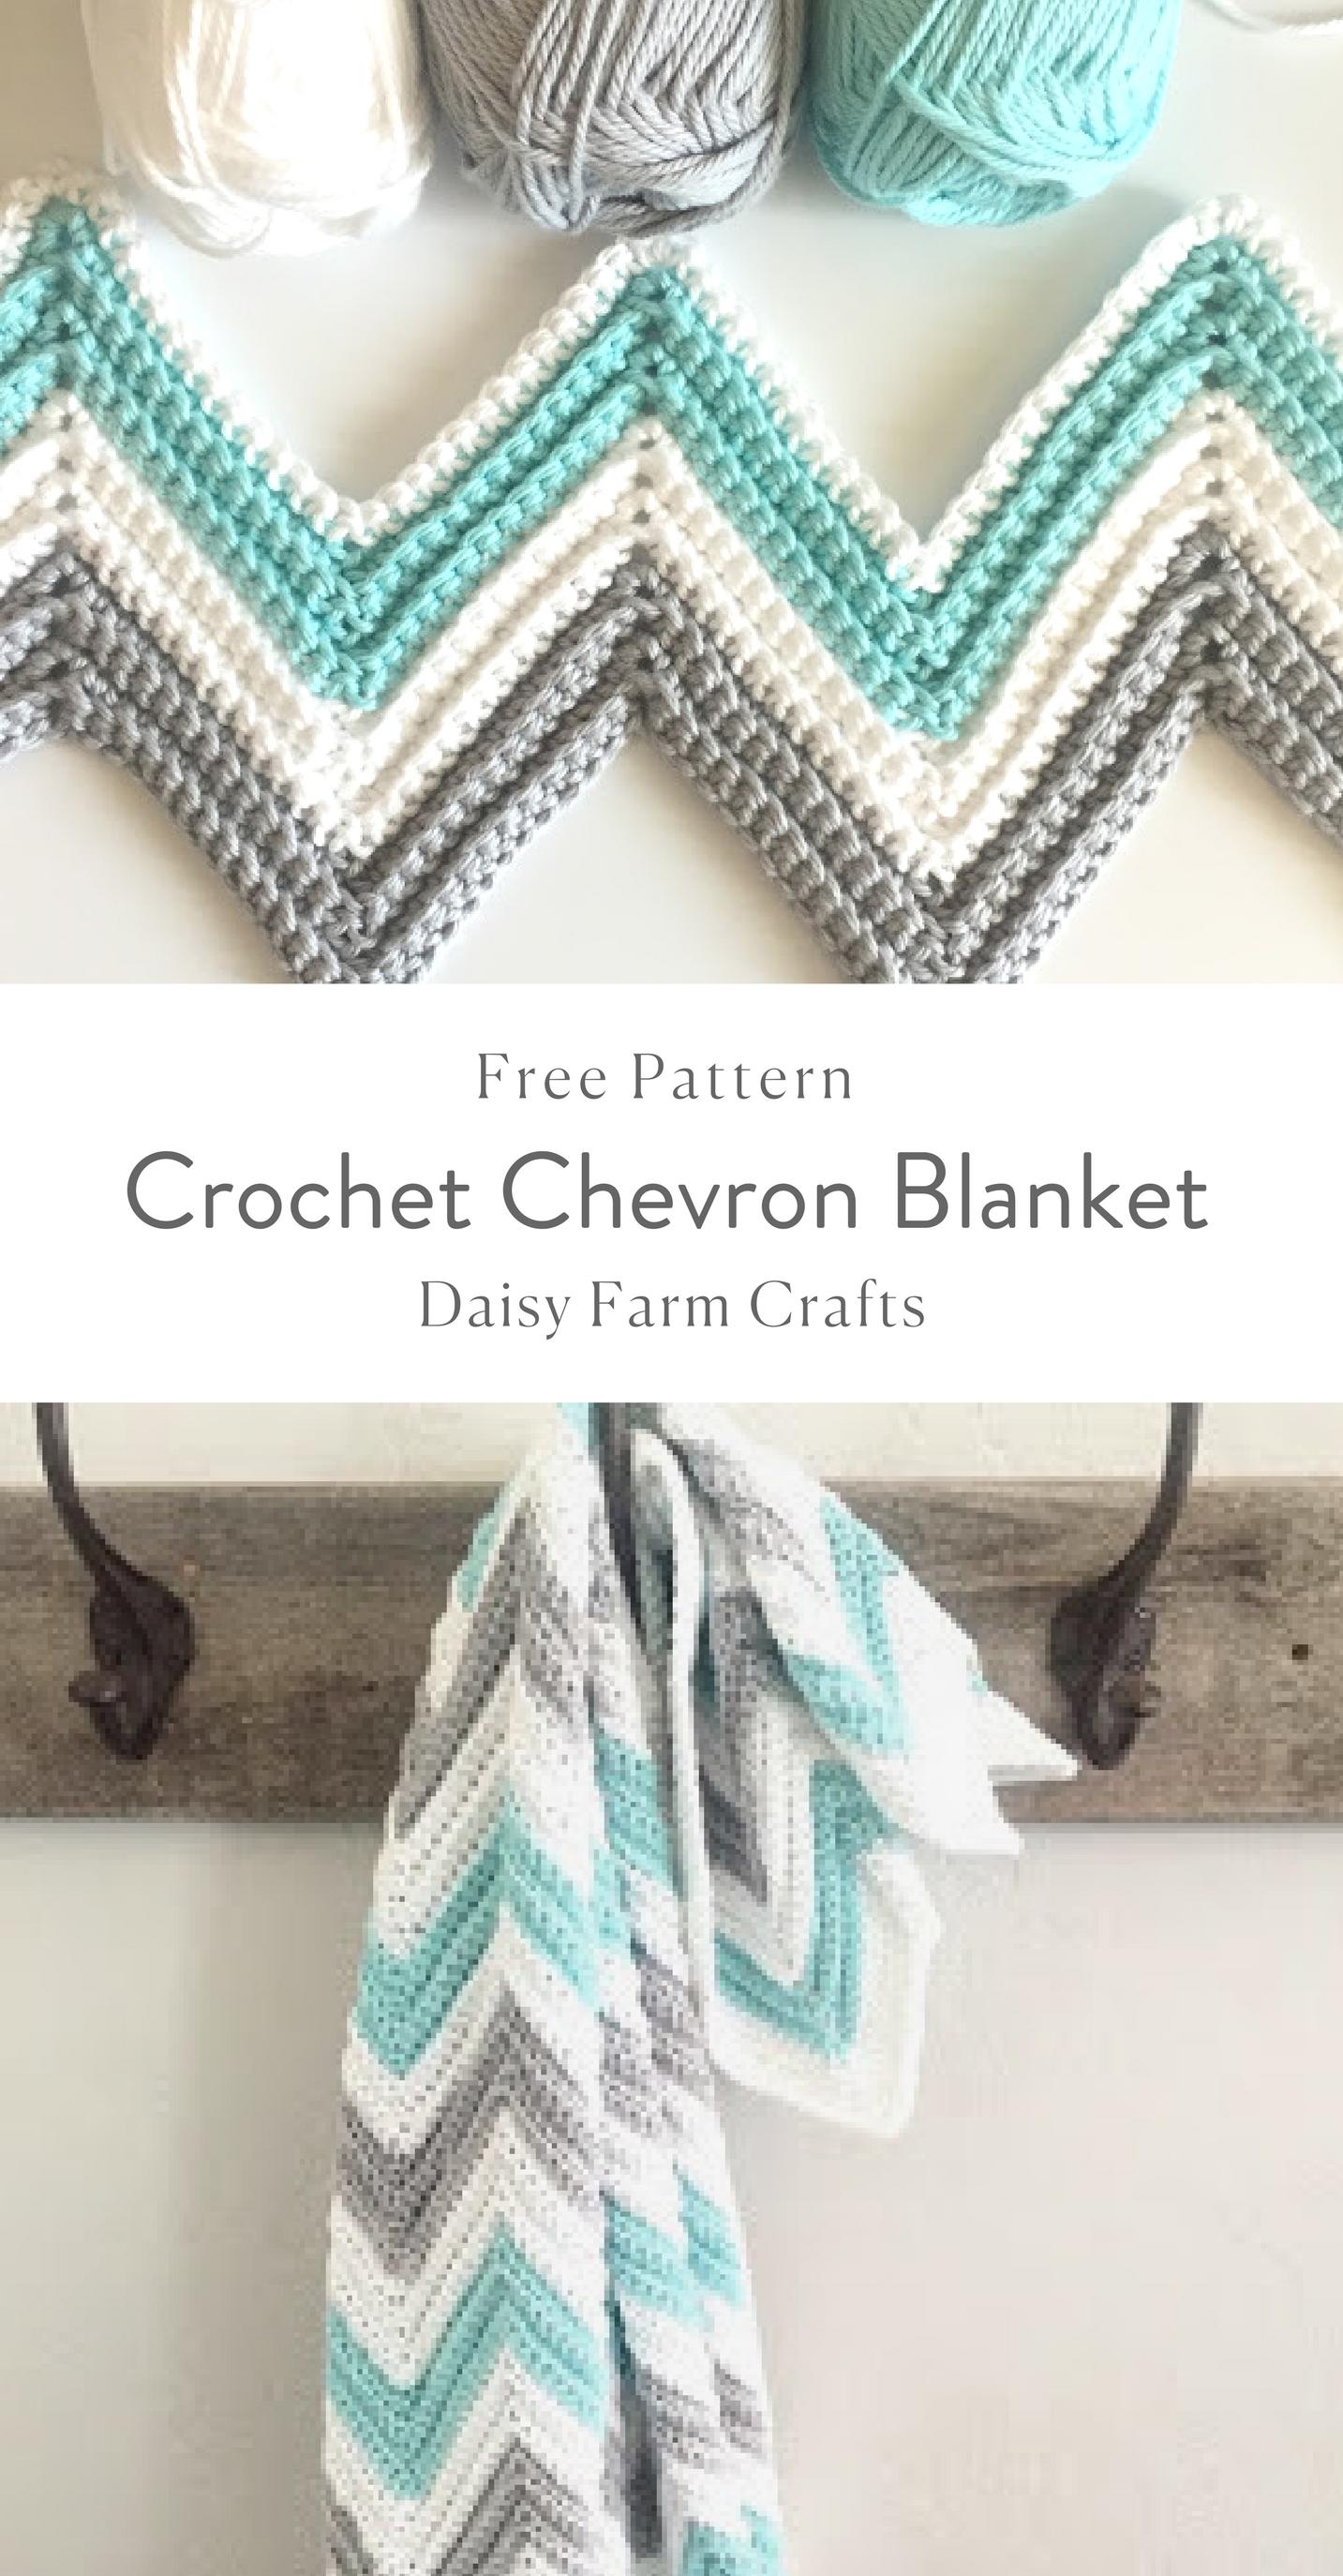 Free Pattern - Crochet Chevron Blanket   Baby crochet pattern ...